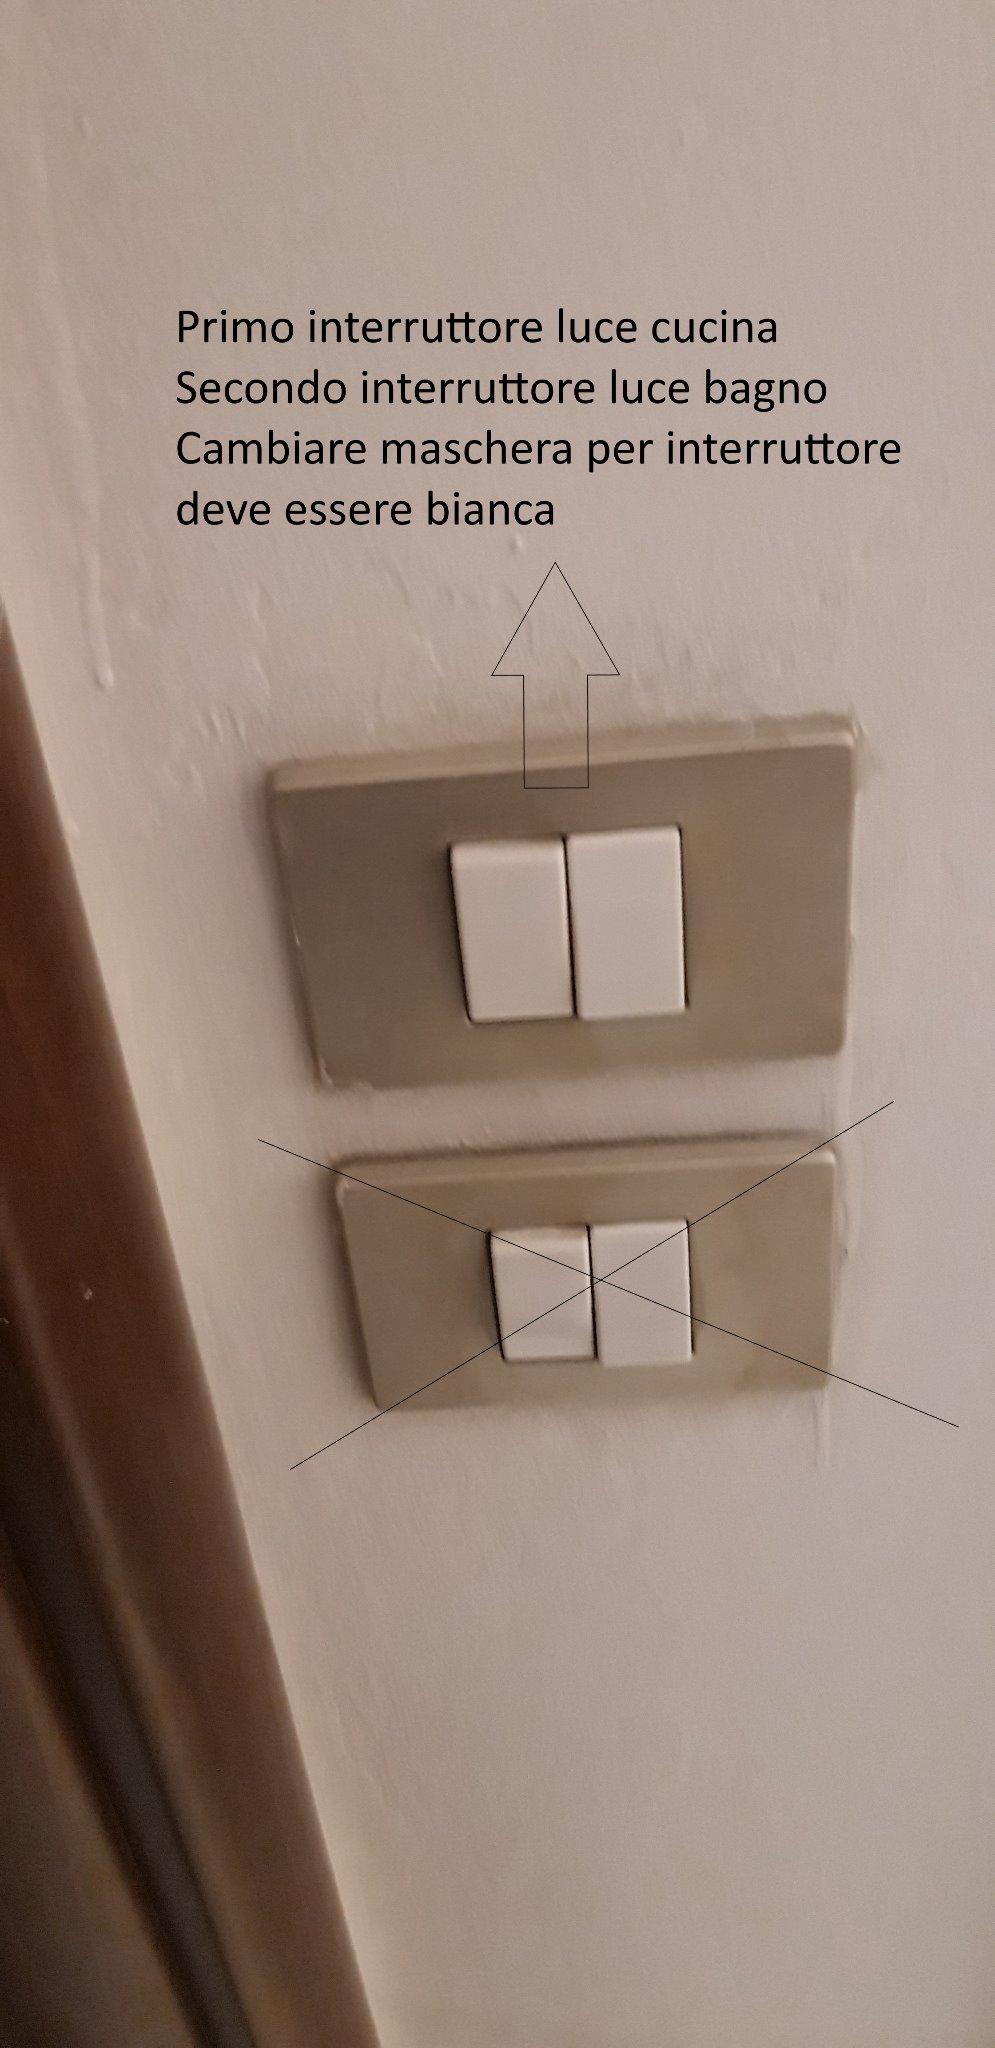 Schema Elettrico Per Tapparelle : Lavori elettrici e motorino elettrico per tapparella instapro